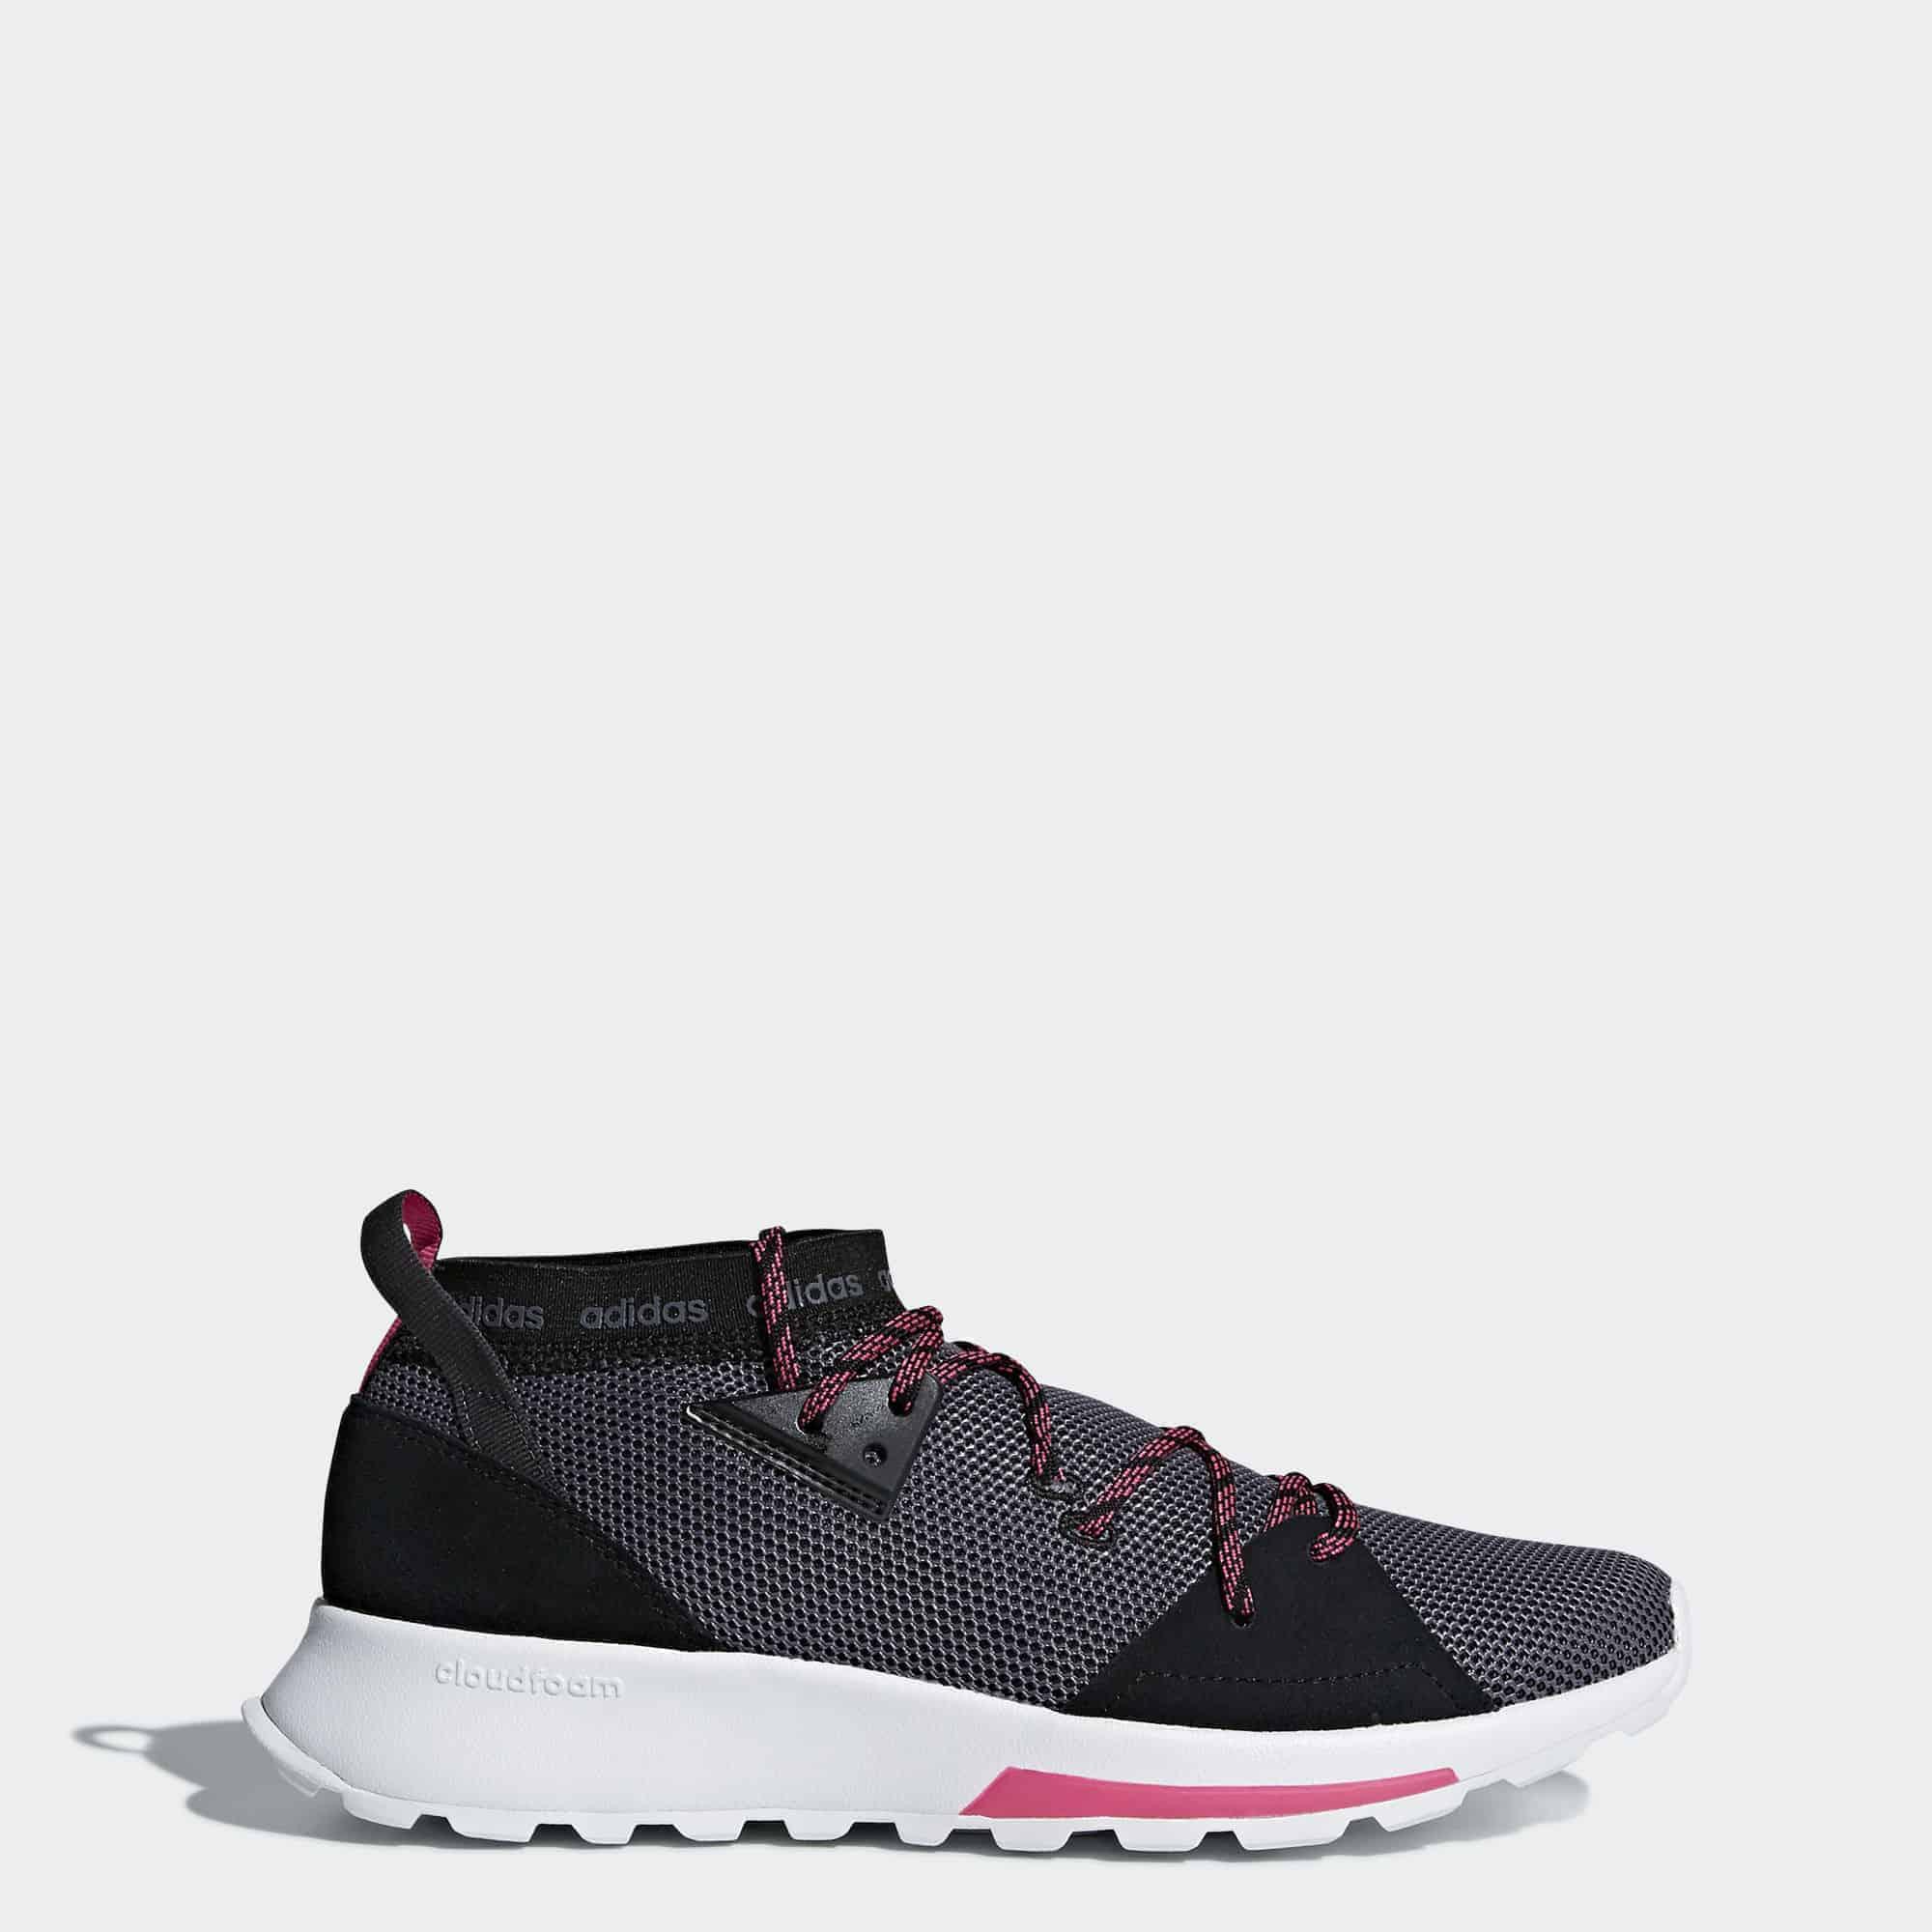 Кроссовки для бега Adidas Quesa женские